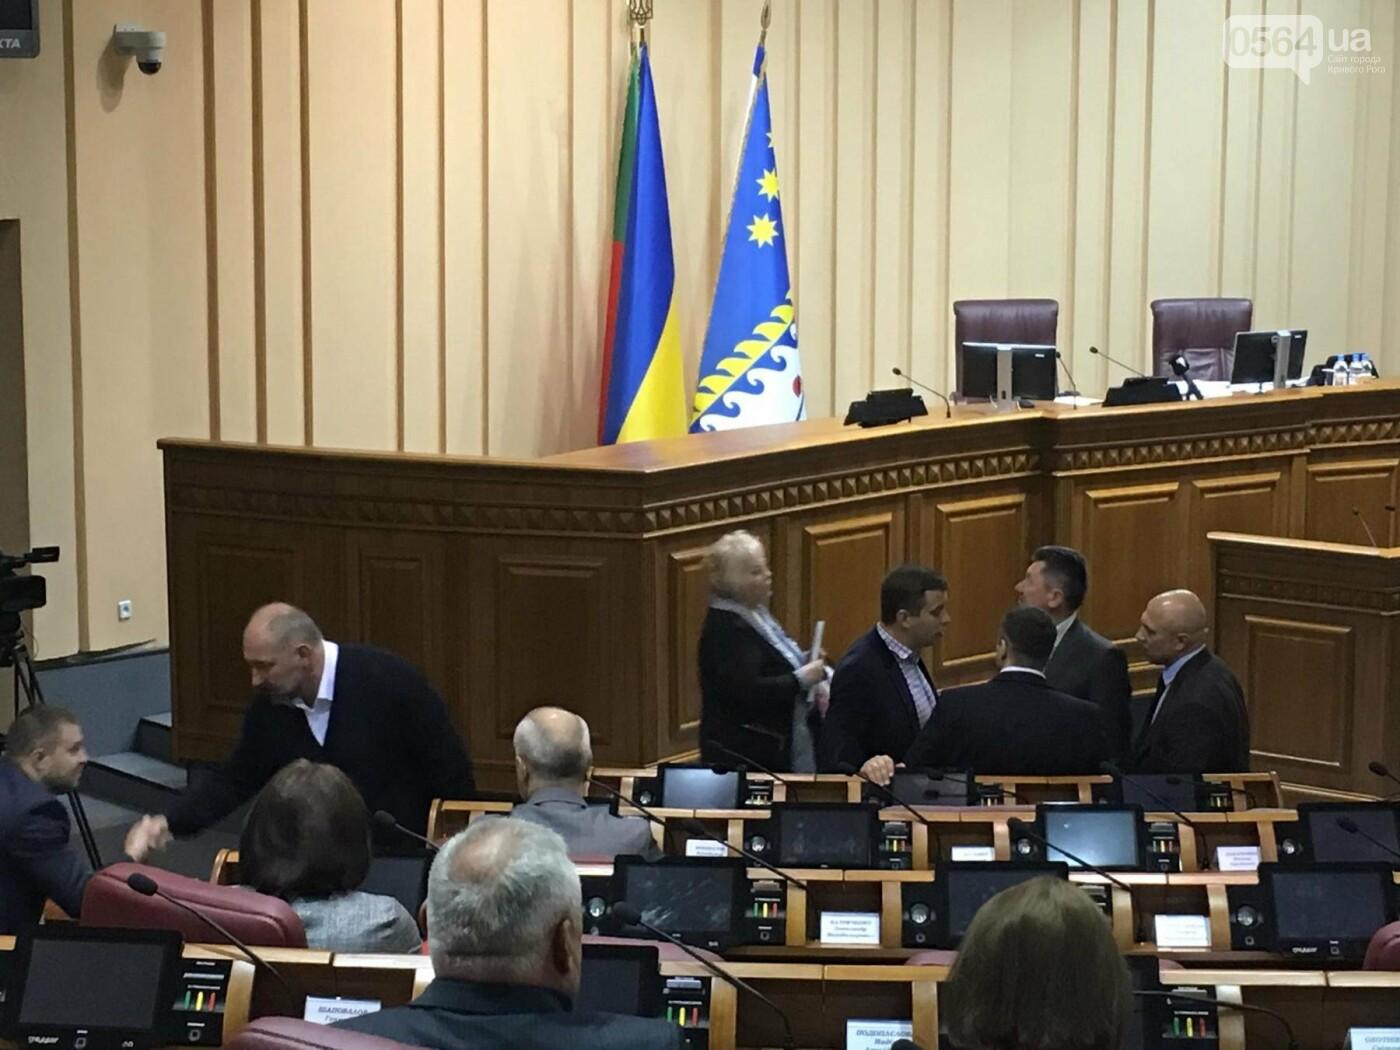 """""""Промэрское"""" большинство в Криворожском горсовете утвердило повестку дня сессии без предложений депутатов не из большинства (ФОТО), фото-16"""